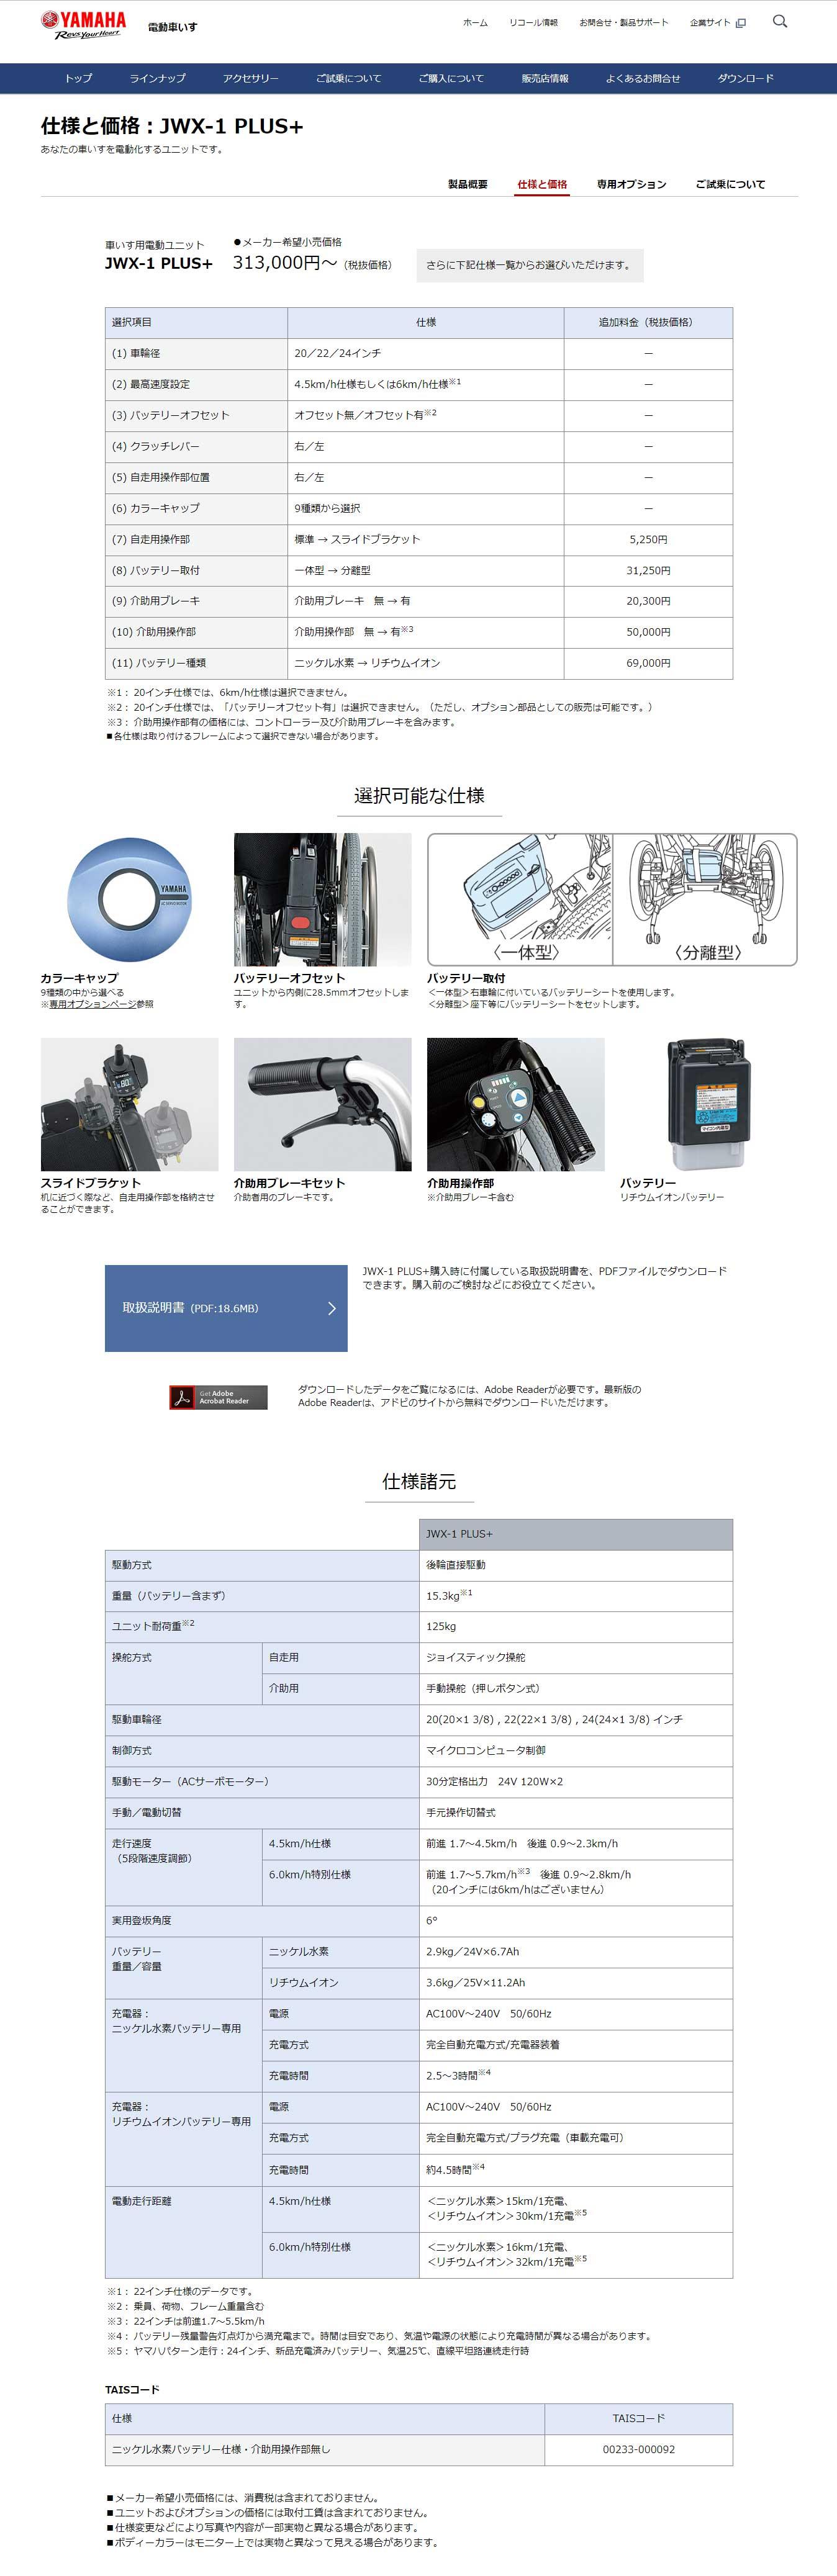 【福祉機器】手動車いす電動ユニット【アタッチメント編】JWX-1 PLUS+2